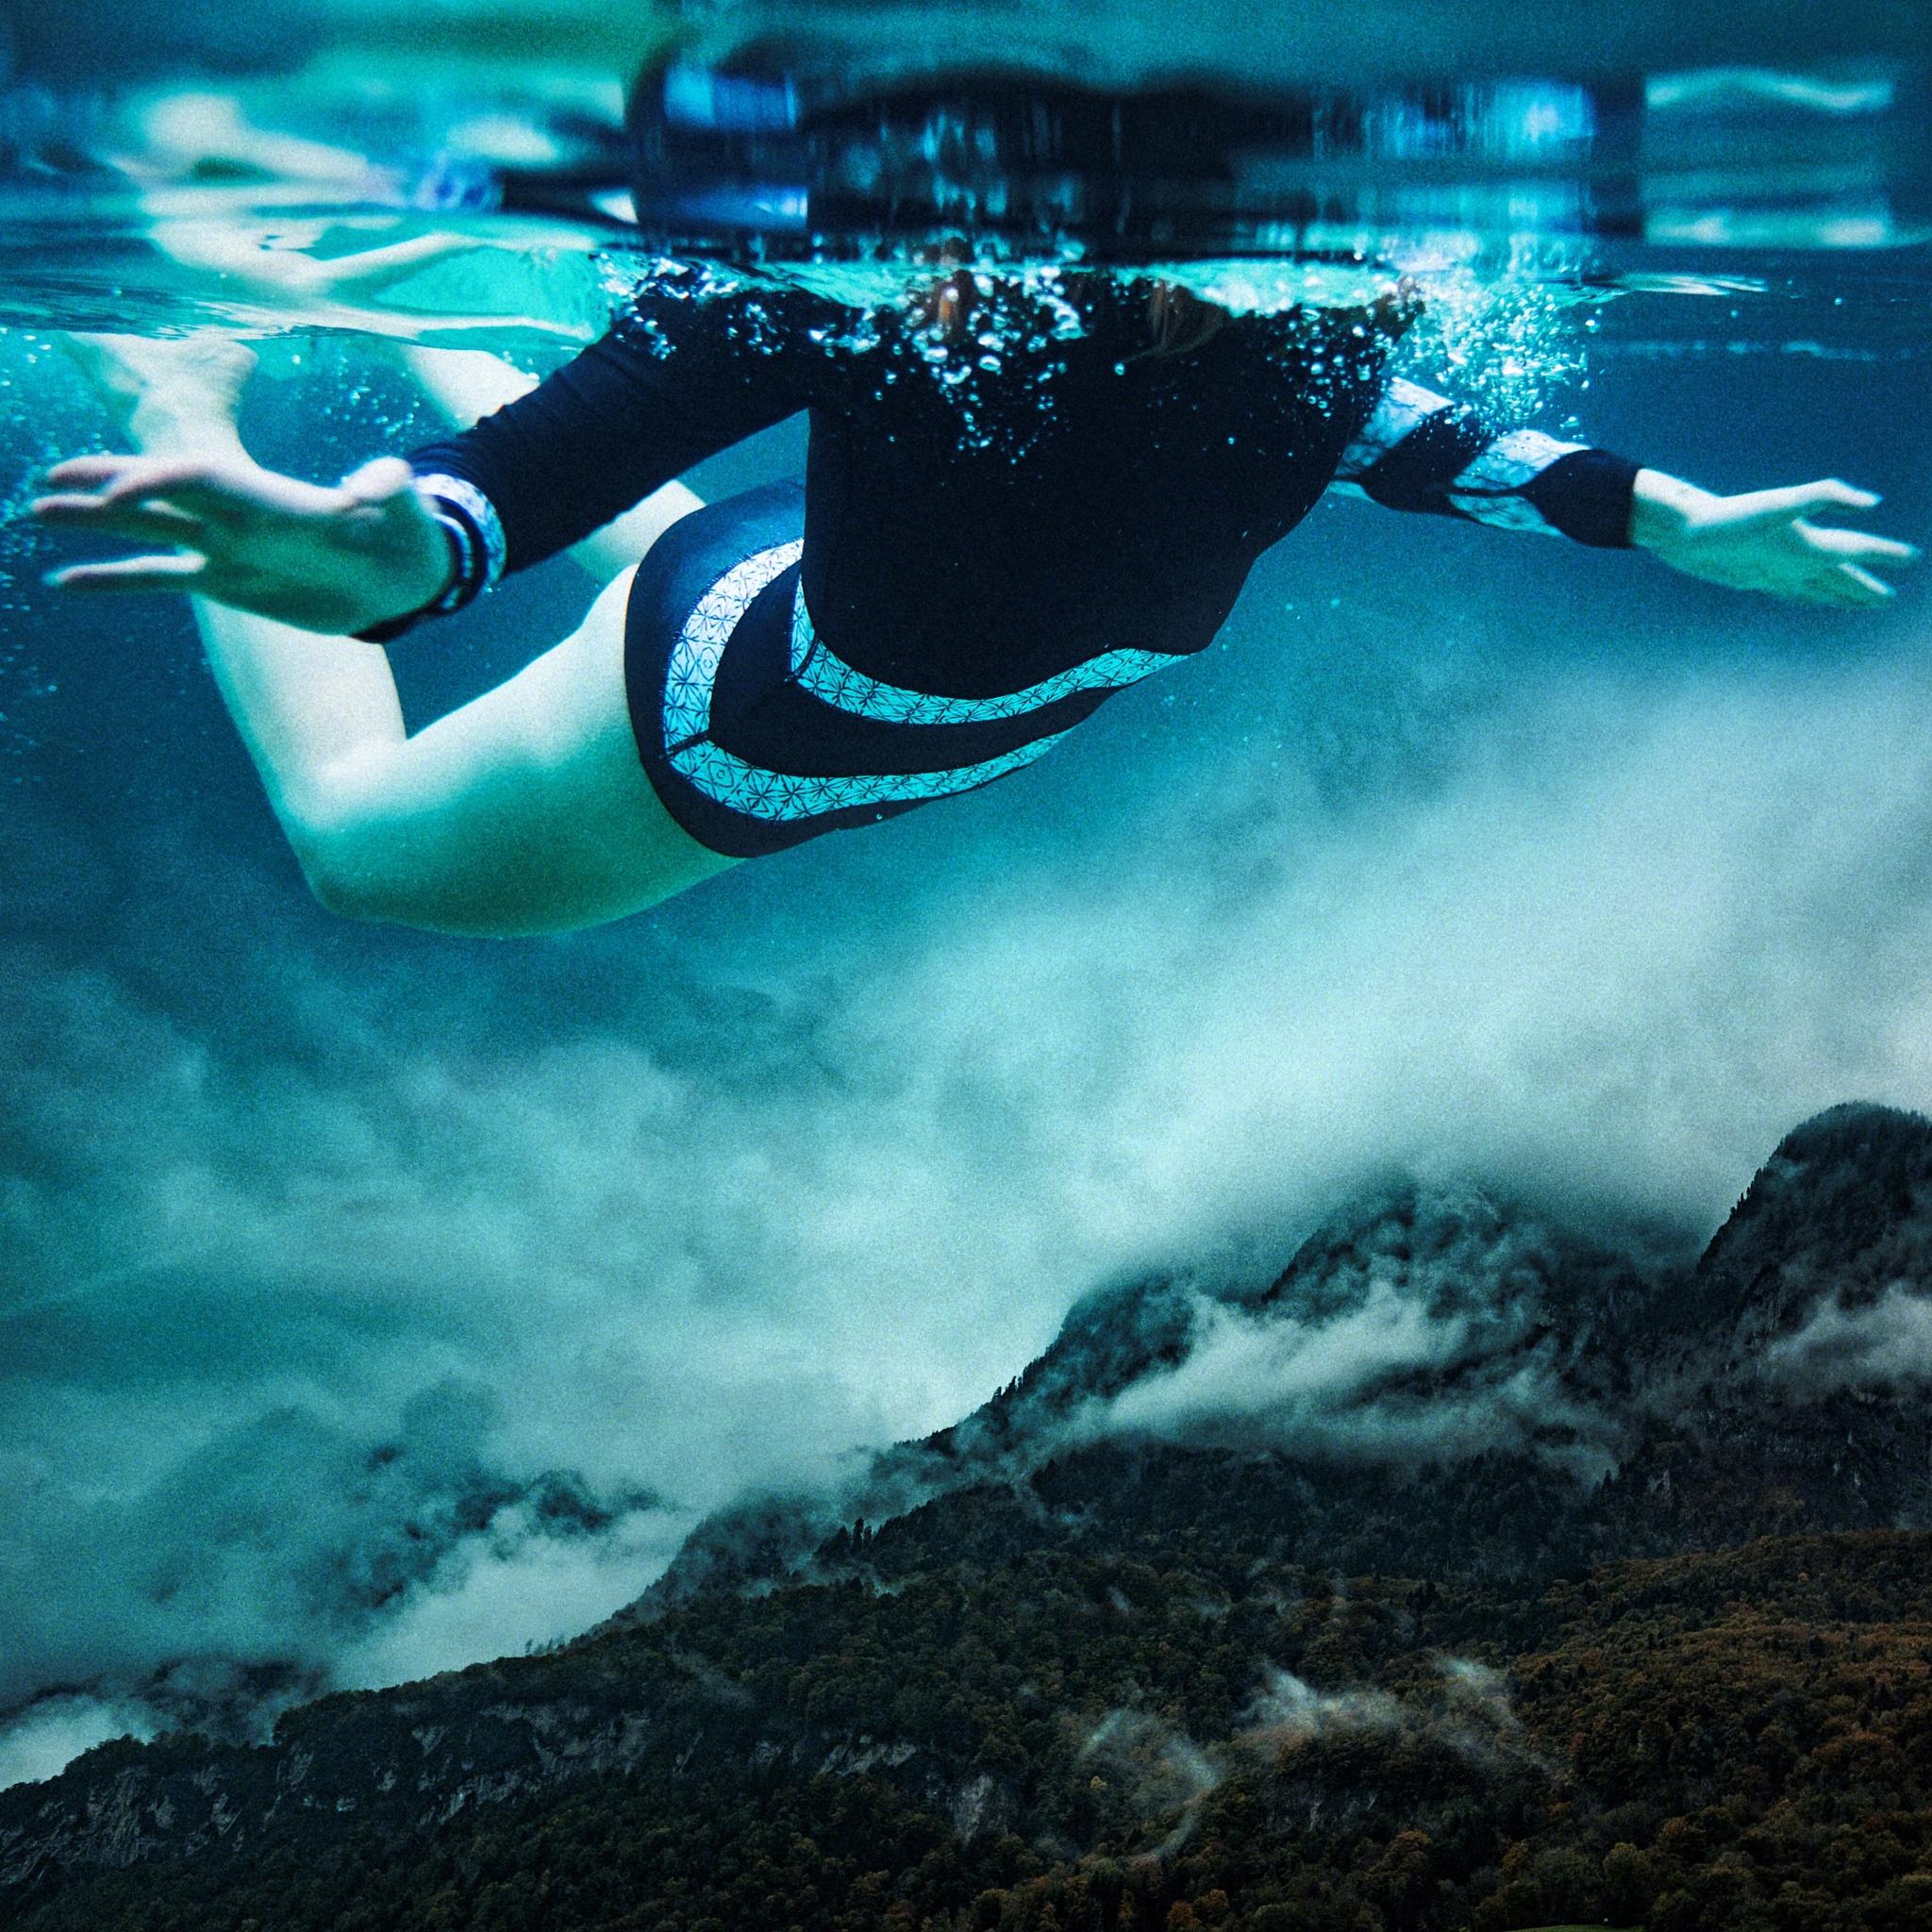 skydive by wekkeliphoto